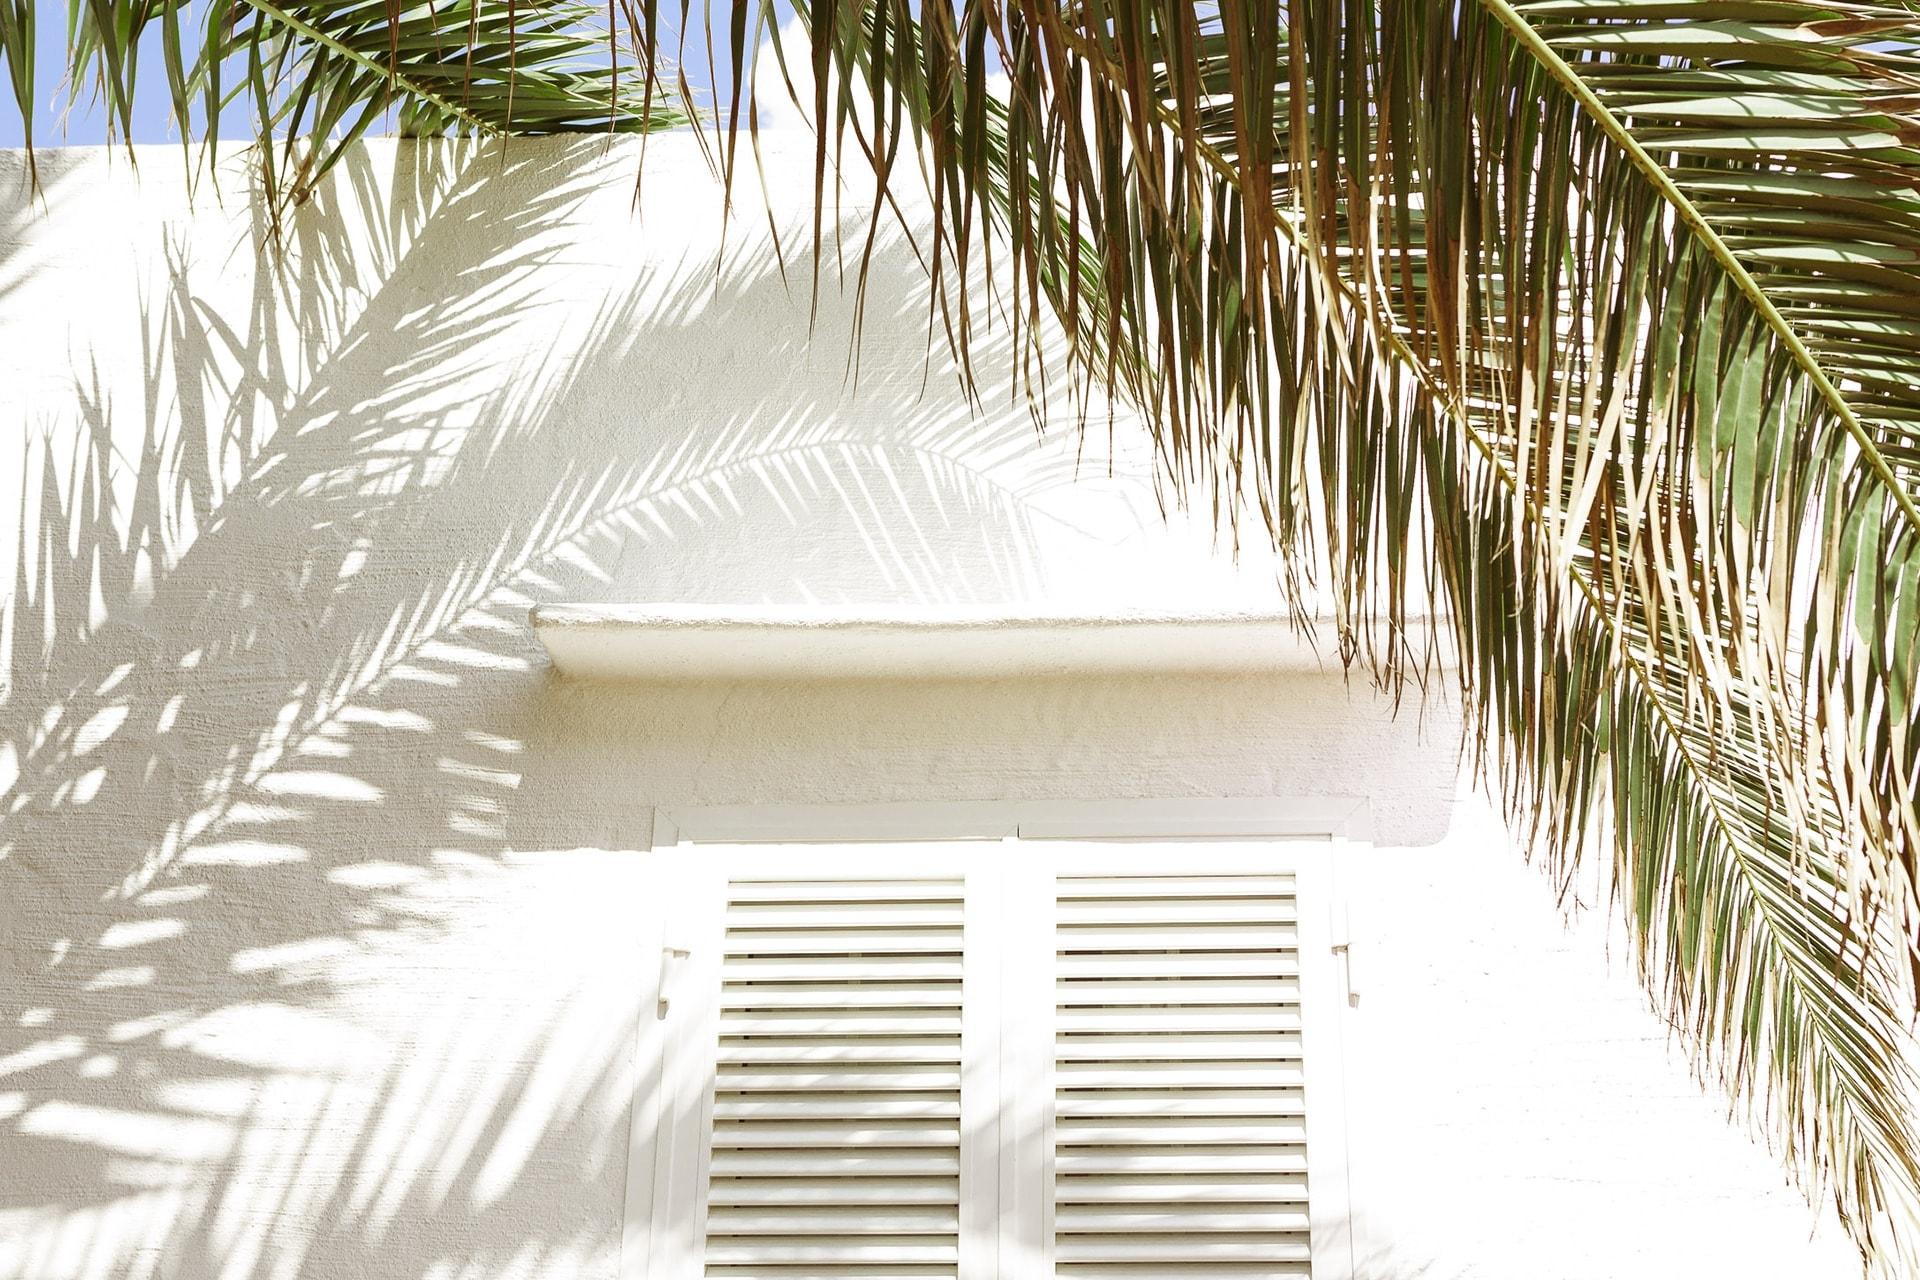 Fenêtre et ombre d'un palmier sur u mur blanc à Minorque